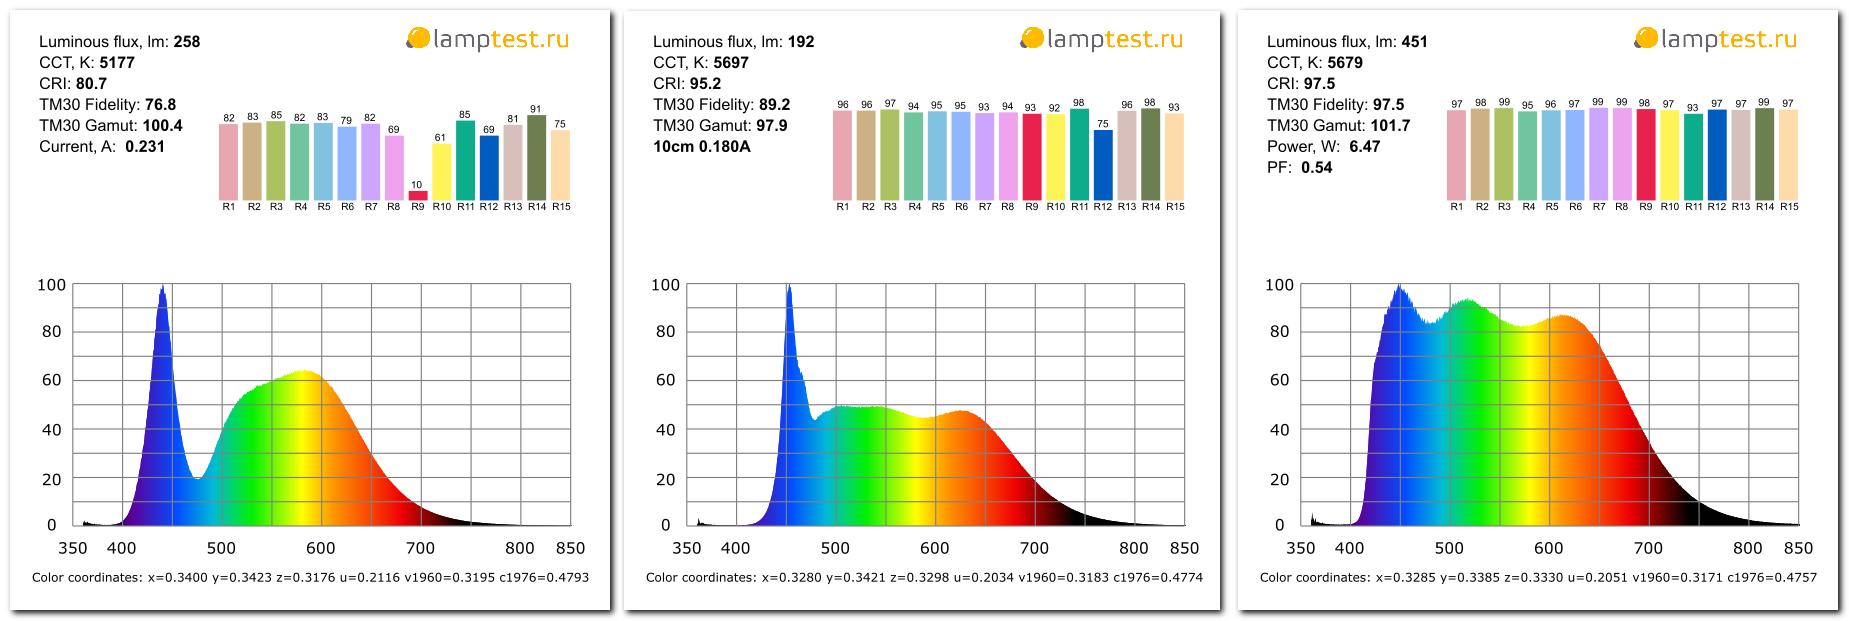 Первые в мире серийные лампы с солнечным спектром - 2